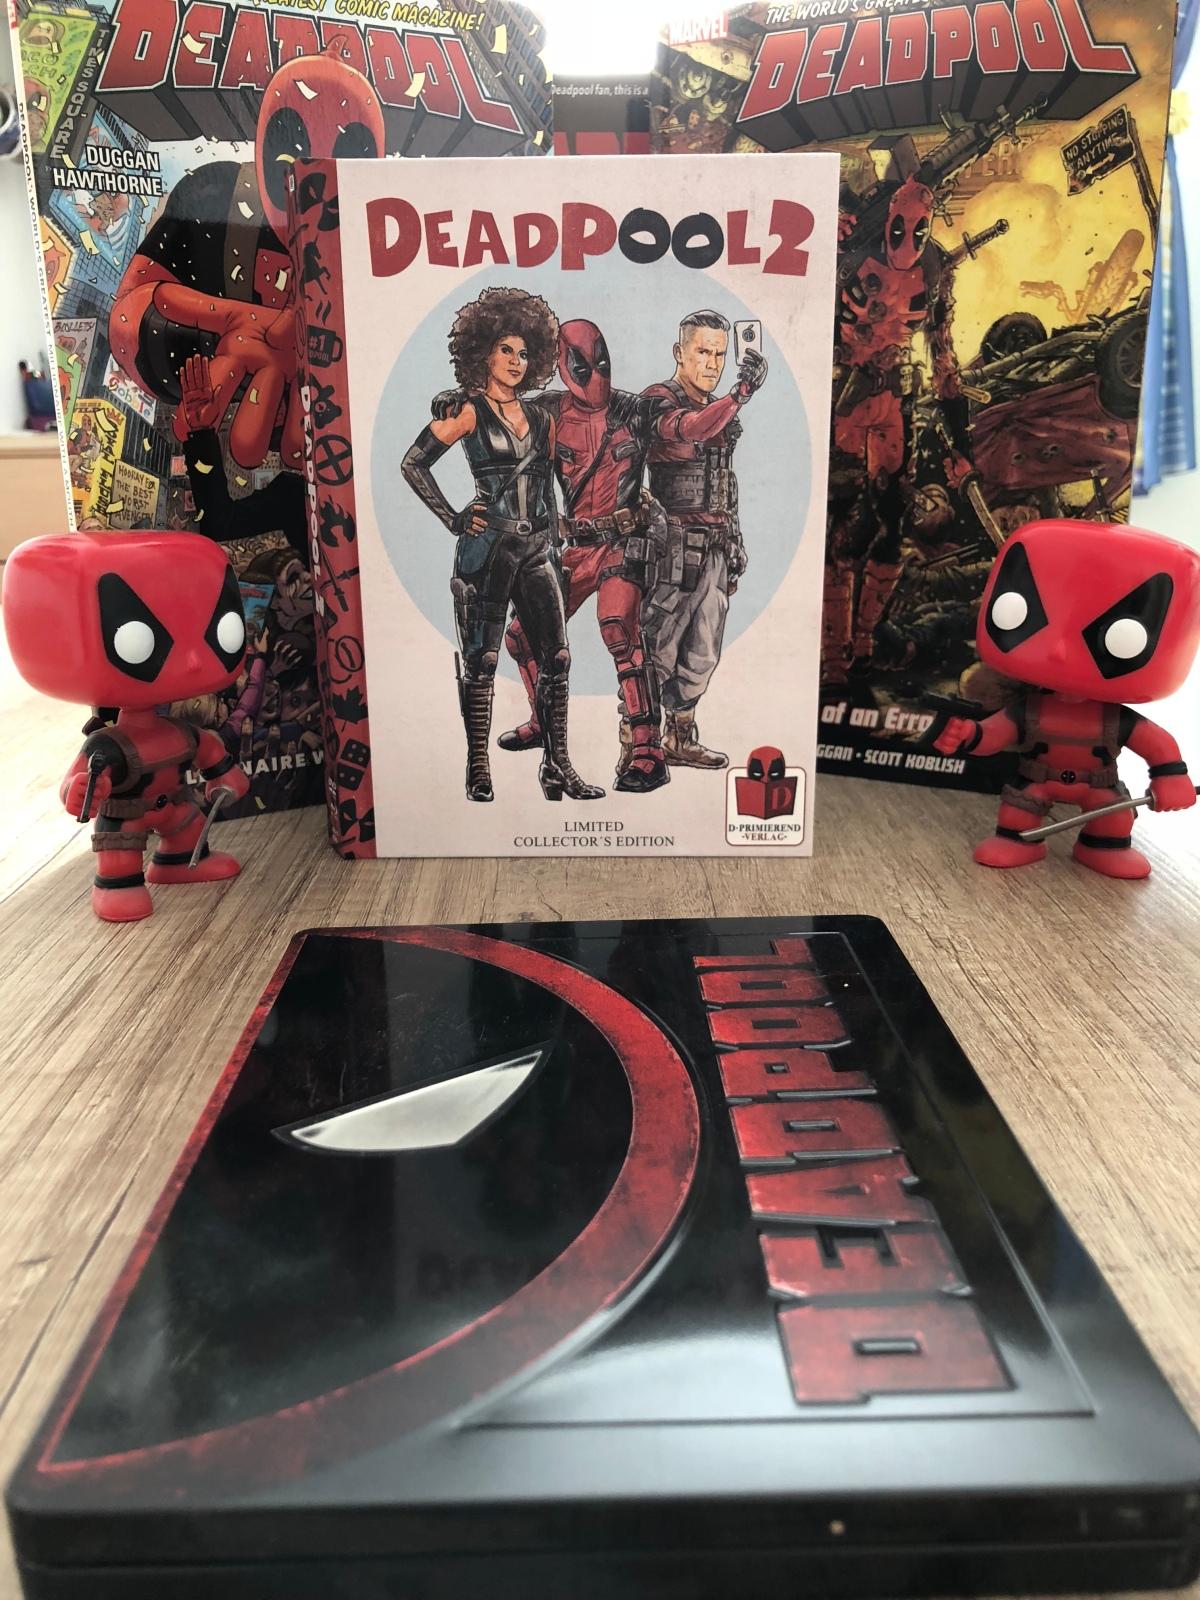 Wer ist … Deadpool? | Gedankenspiel [Wer ist … #5] +GEWINNSPIEL